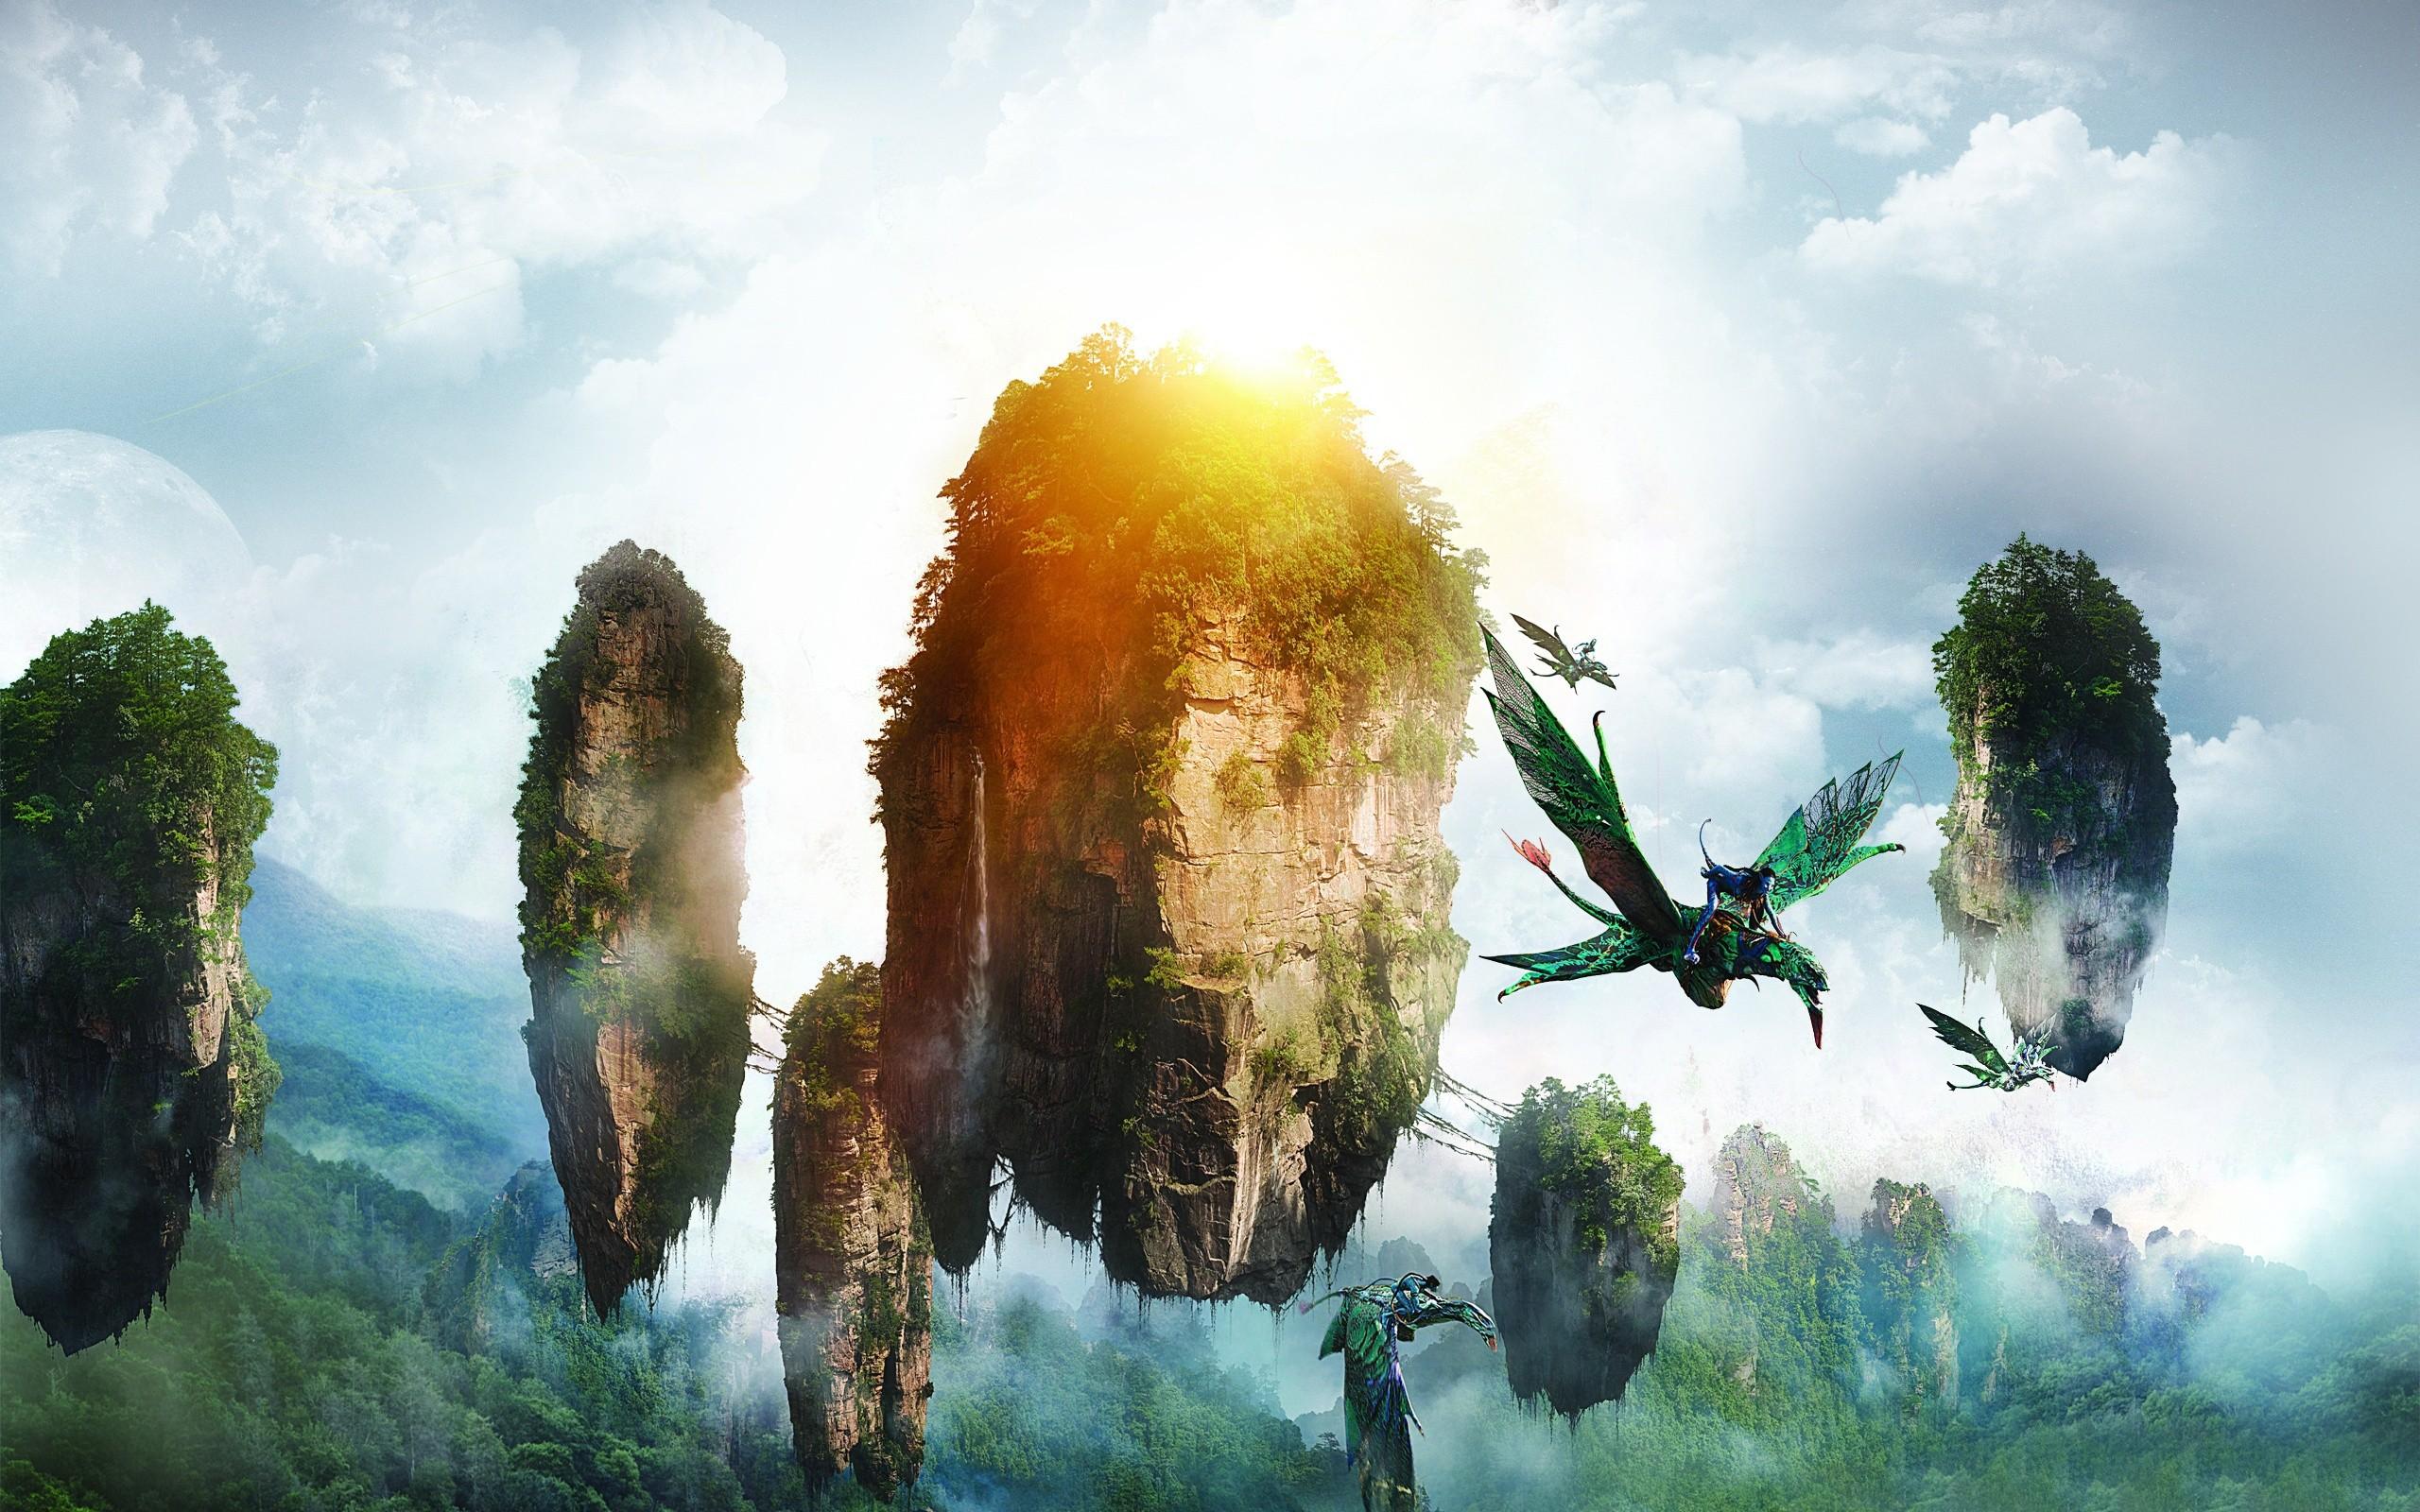 Постер из фильма аватар Обои  № 3272073 загрузить